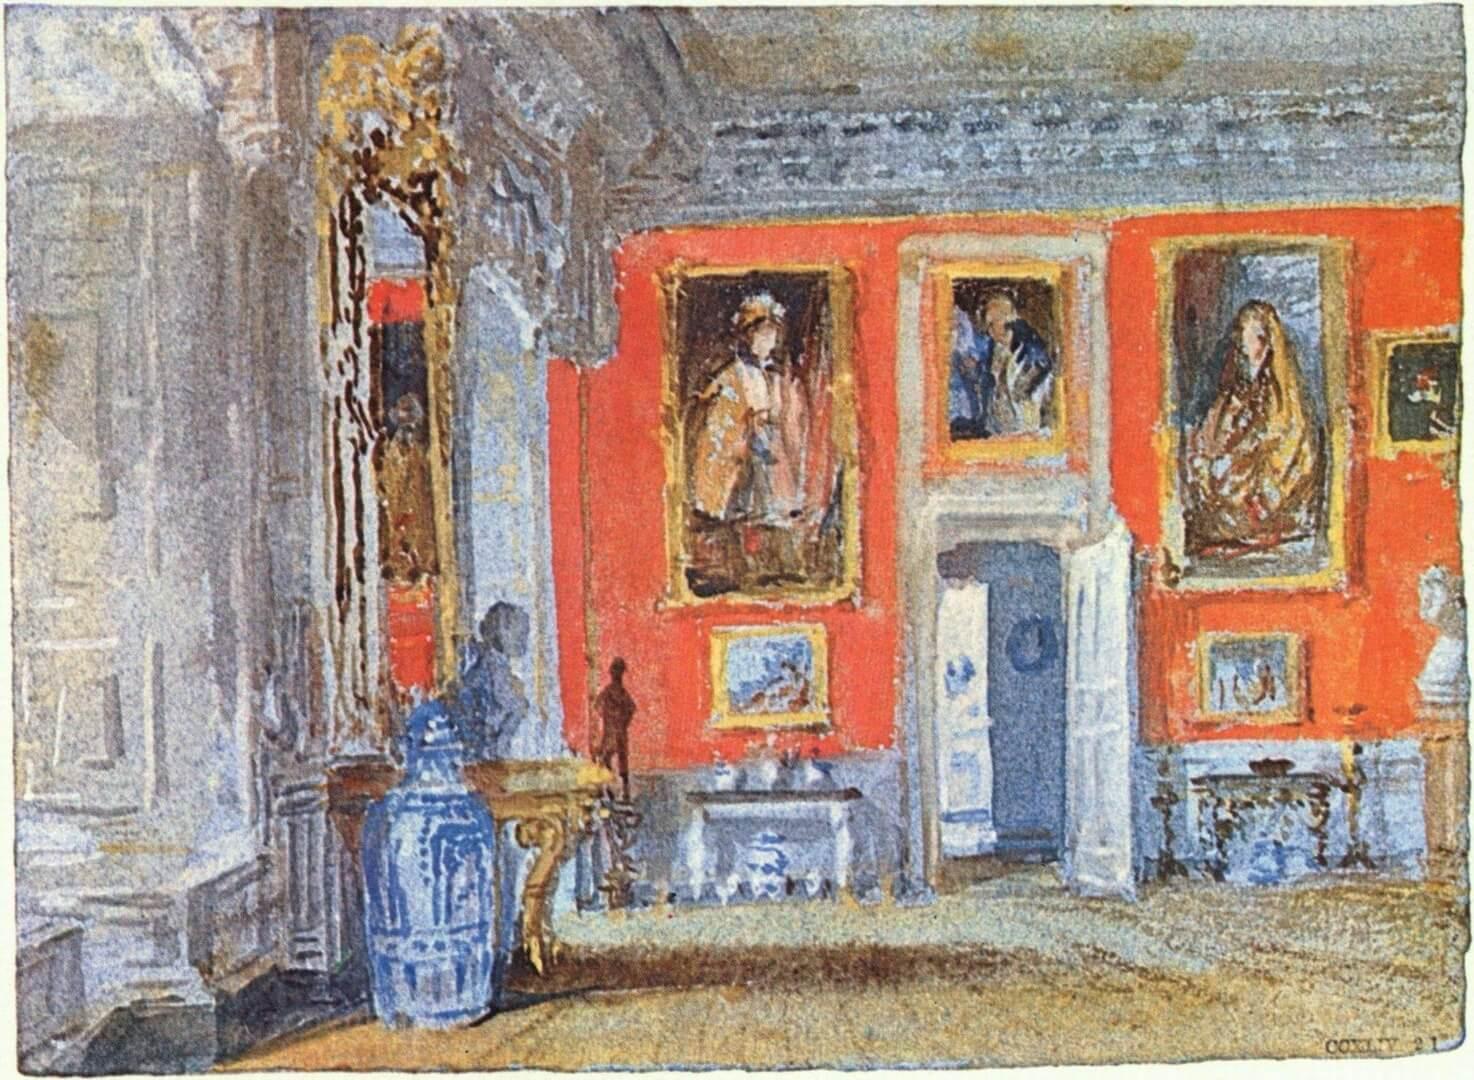 טרנר, החדר האדום בפטוות, 1827